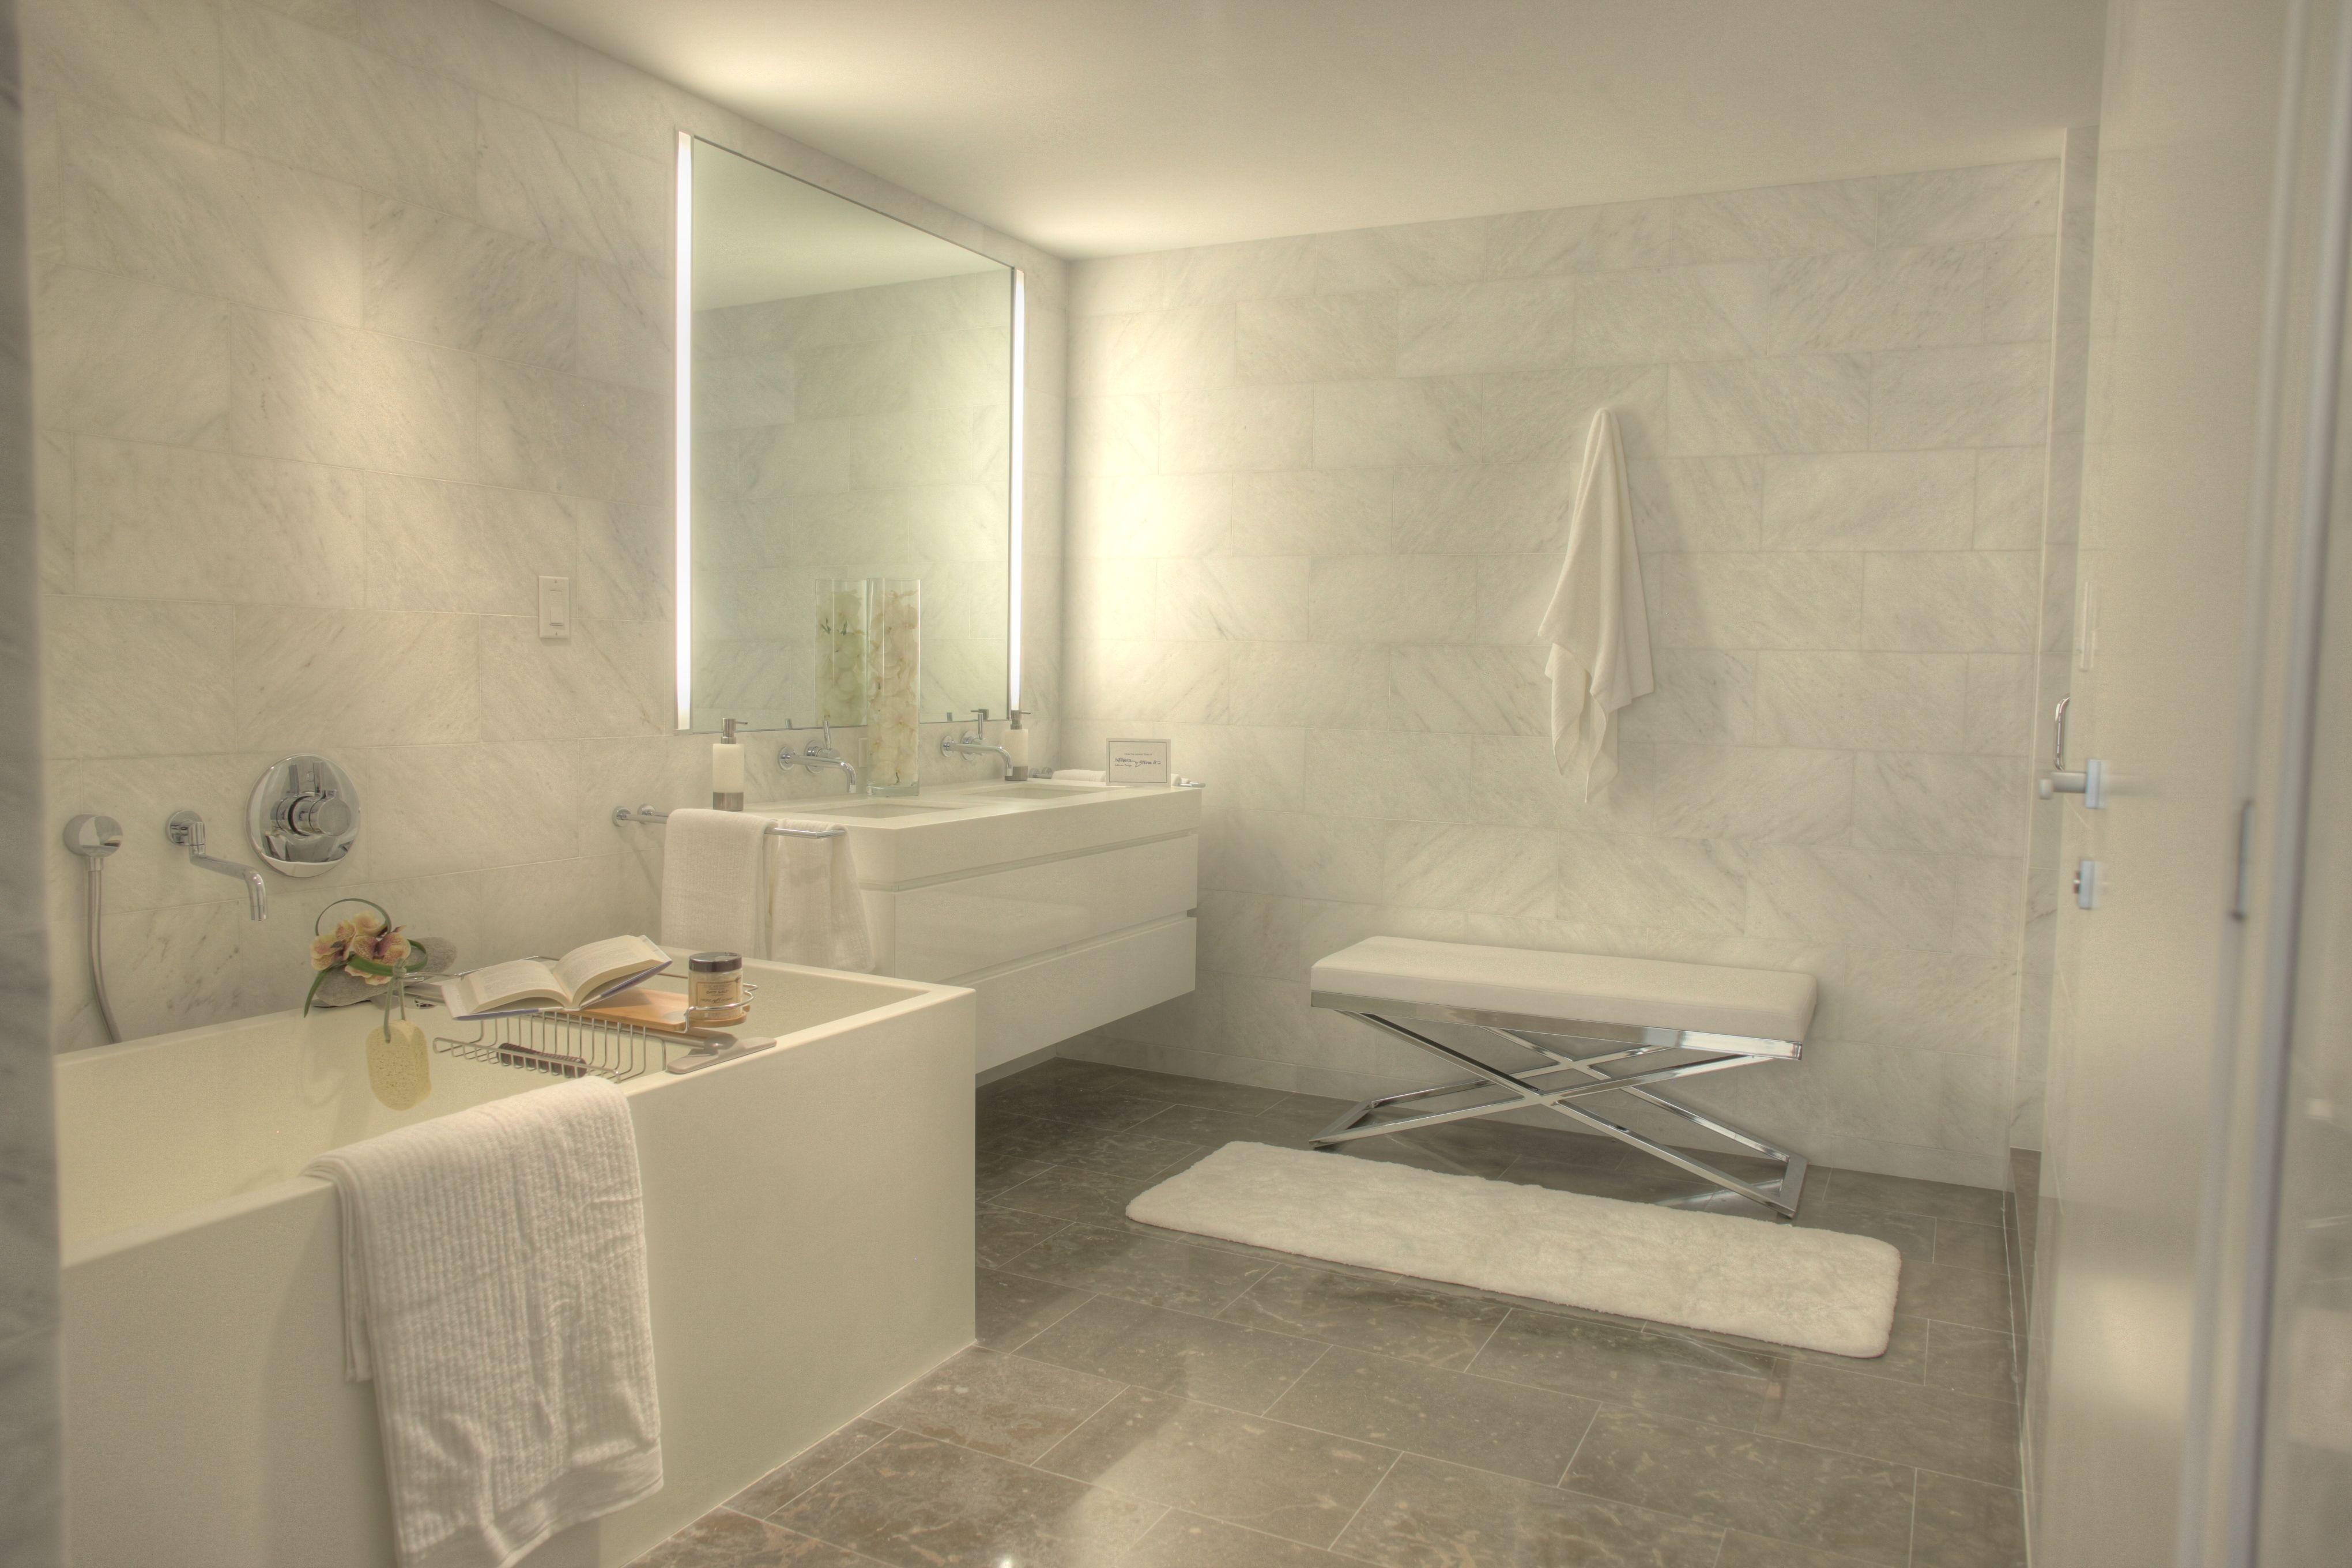 Boulan South Beach Interior Design Bathroom Beach Interior Design Bathroom Interior Design Interior Design Advice